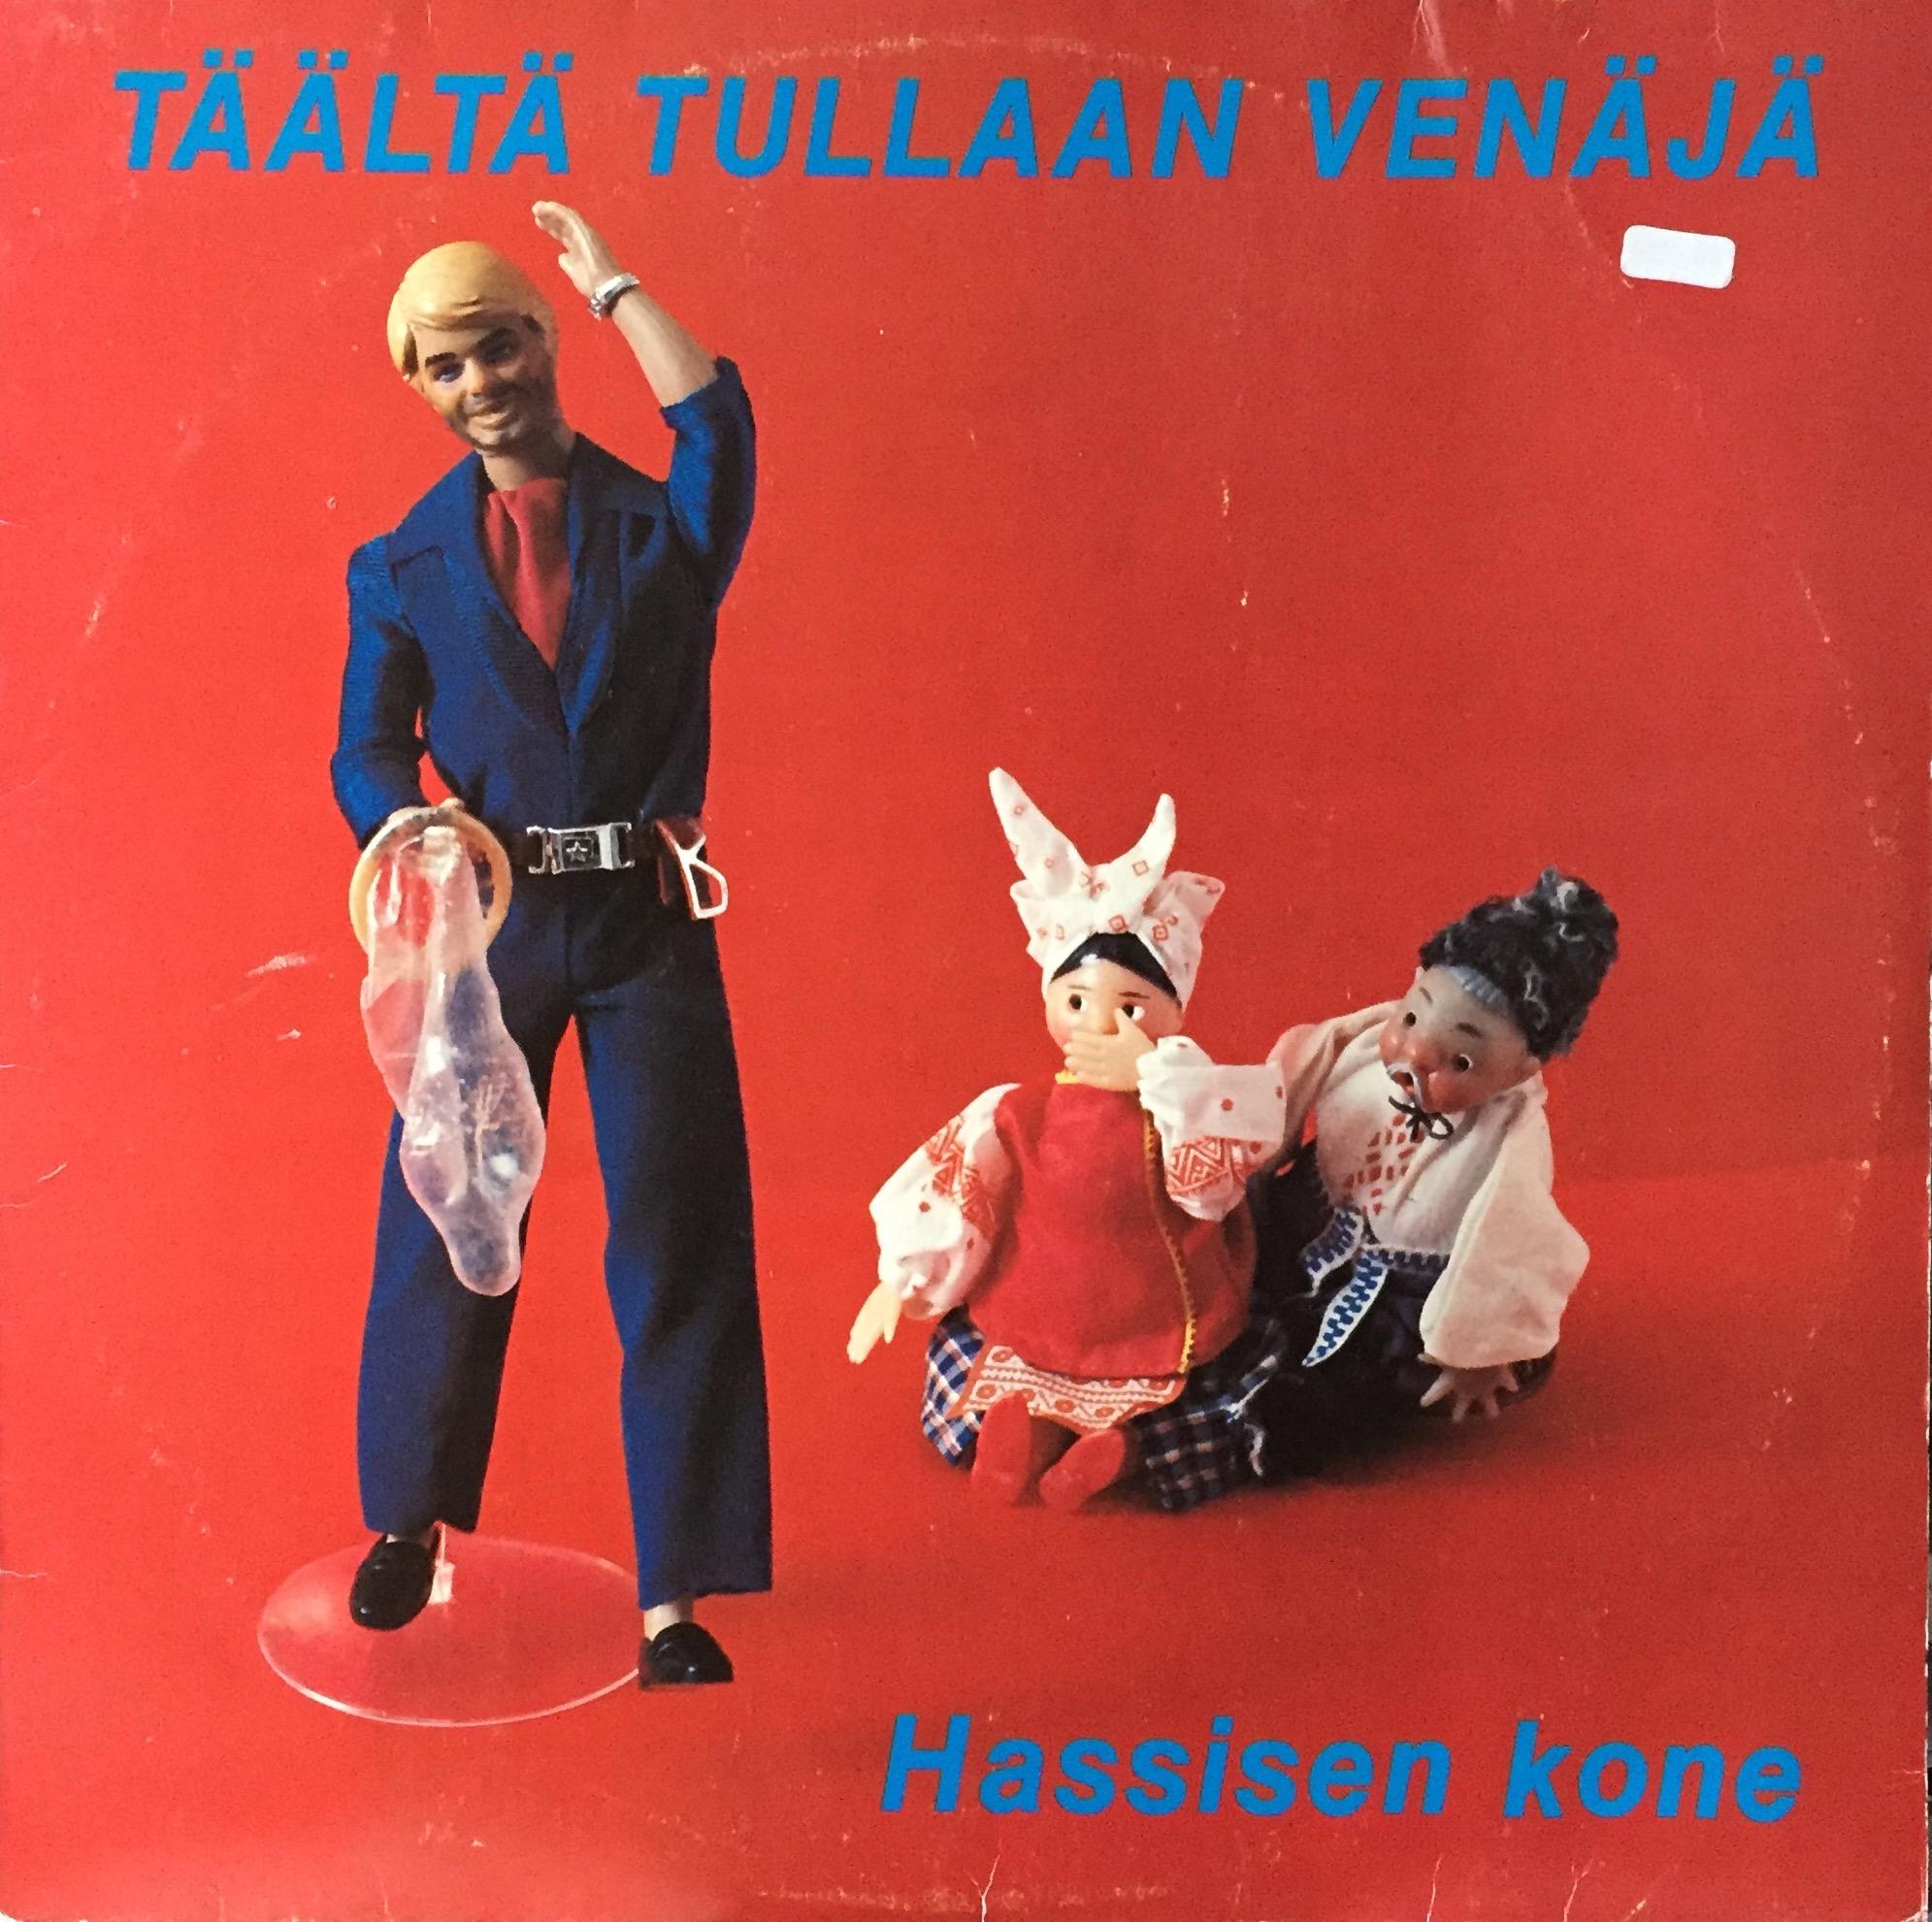 Hassisen Kone: Täältä tullaan Venäjä (1980).